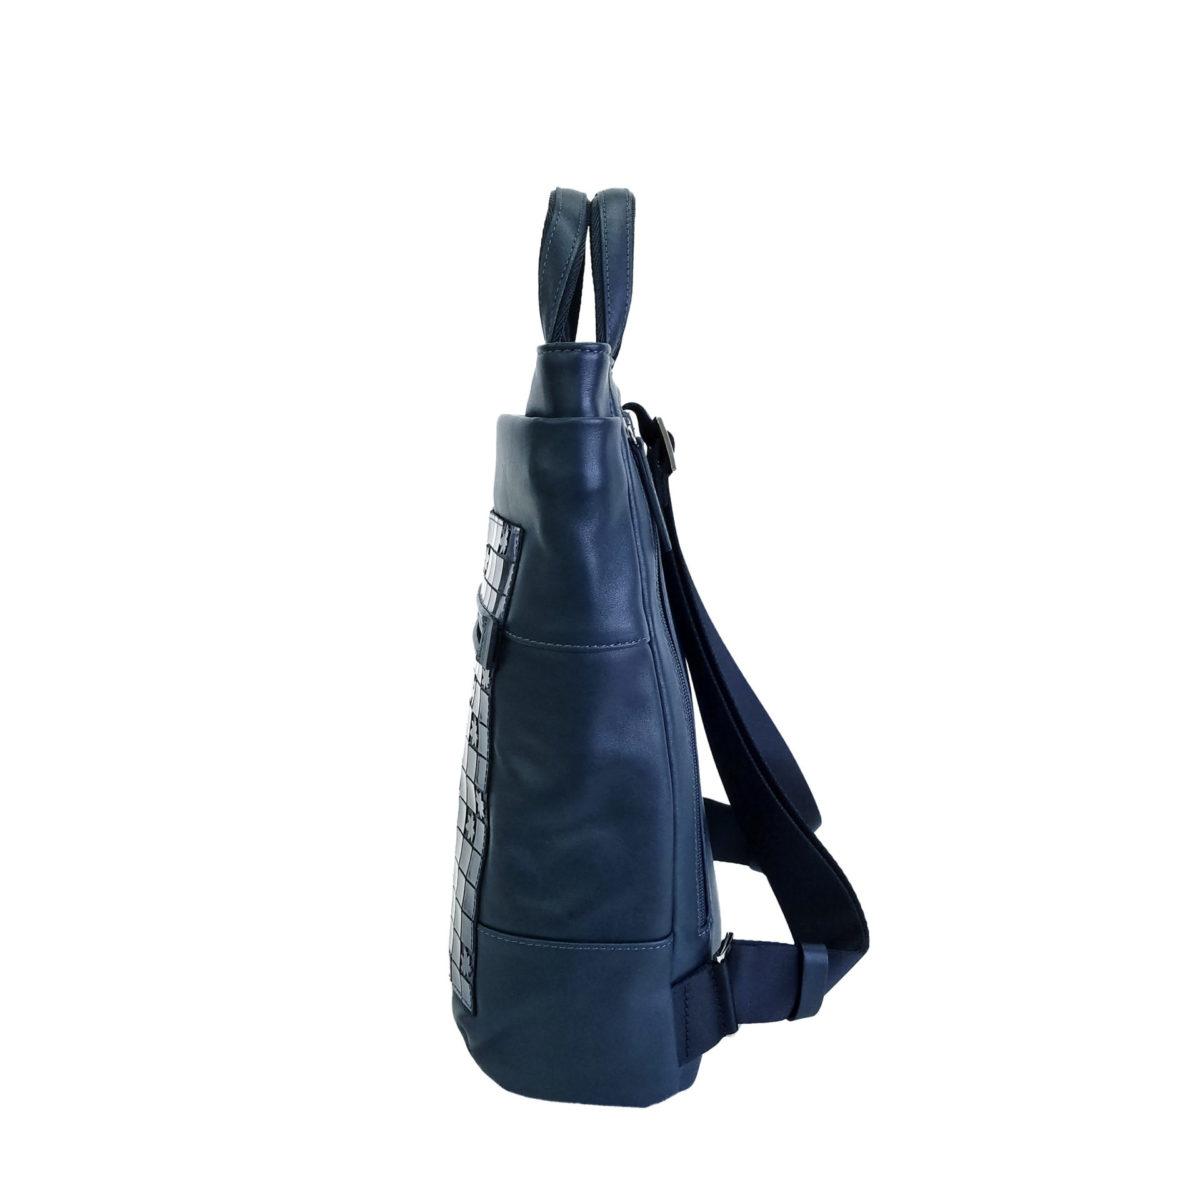 京都限定のELISIR caede KYOTO | エリシアカエデ京都のバッグシリーズ Adria Misto Cerberus 3 2way ruck